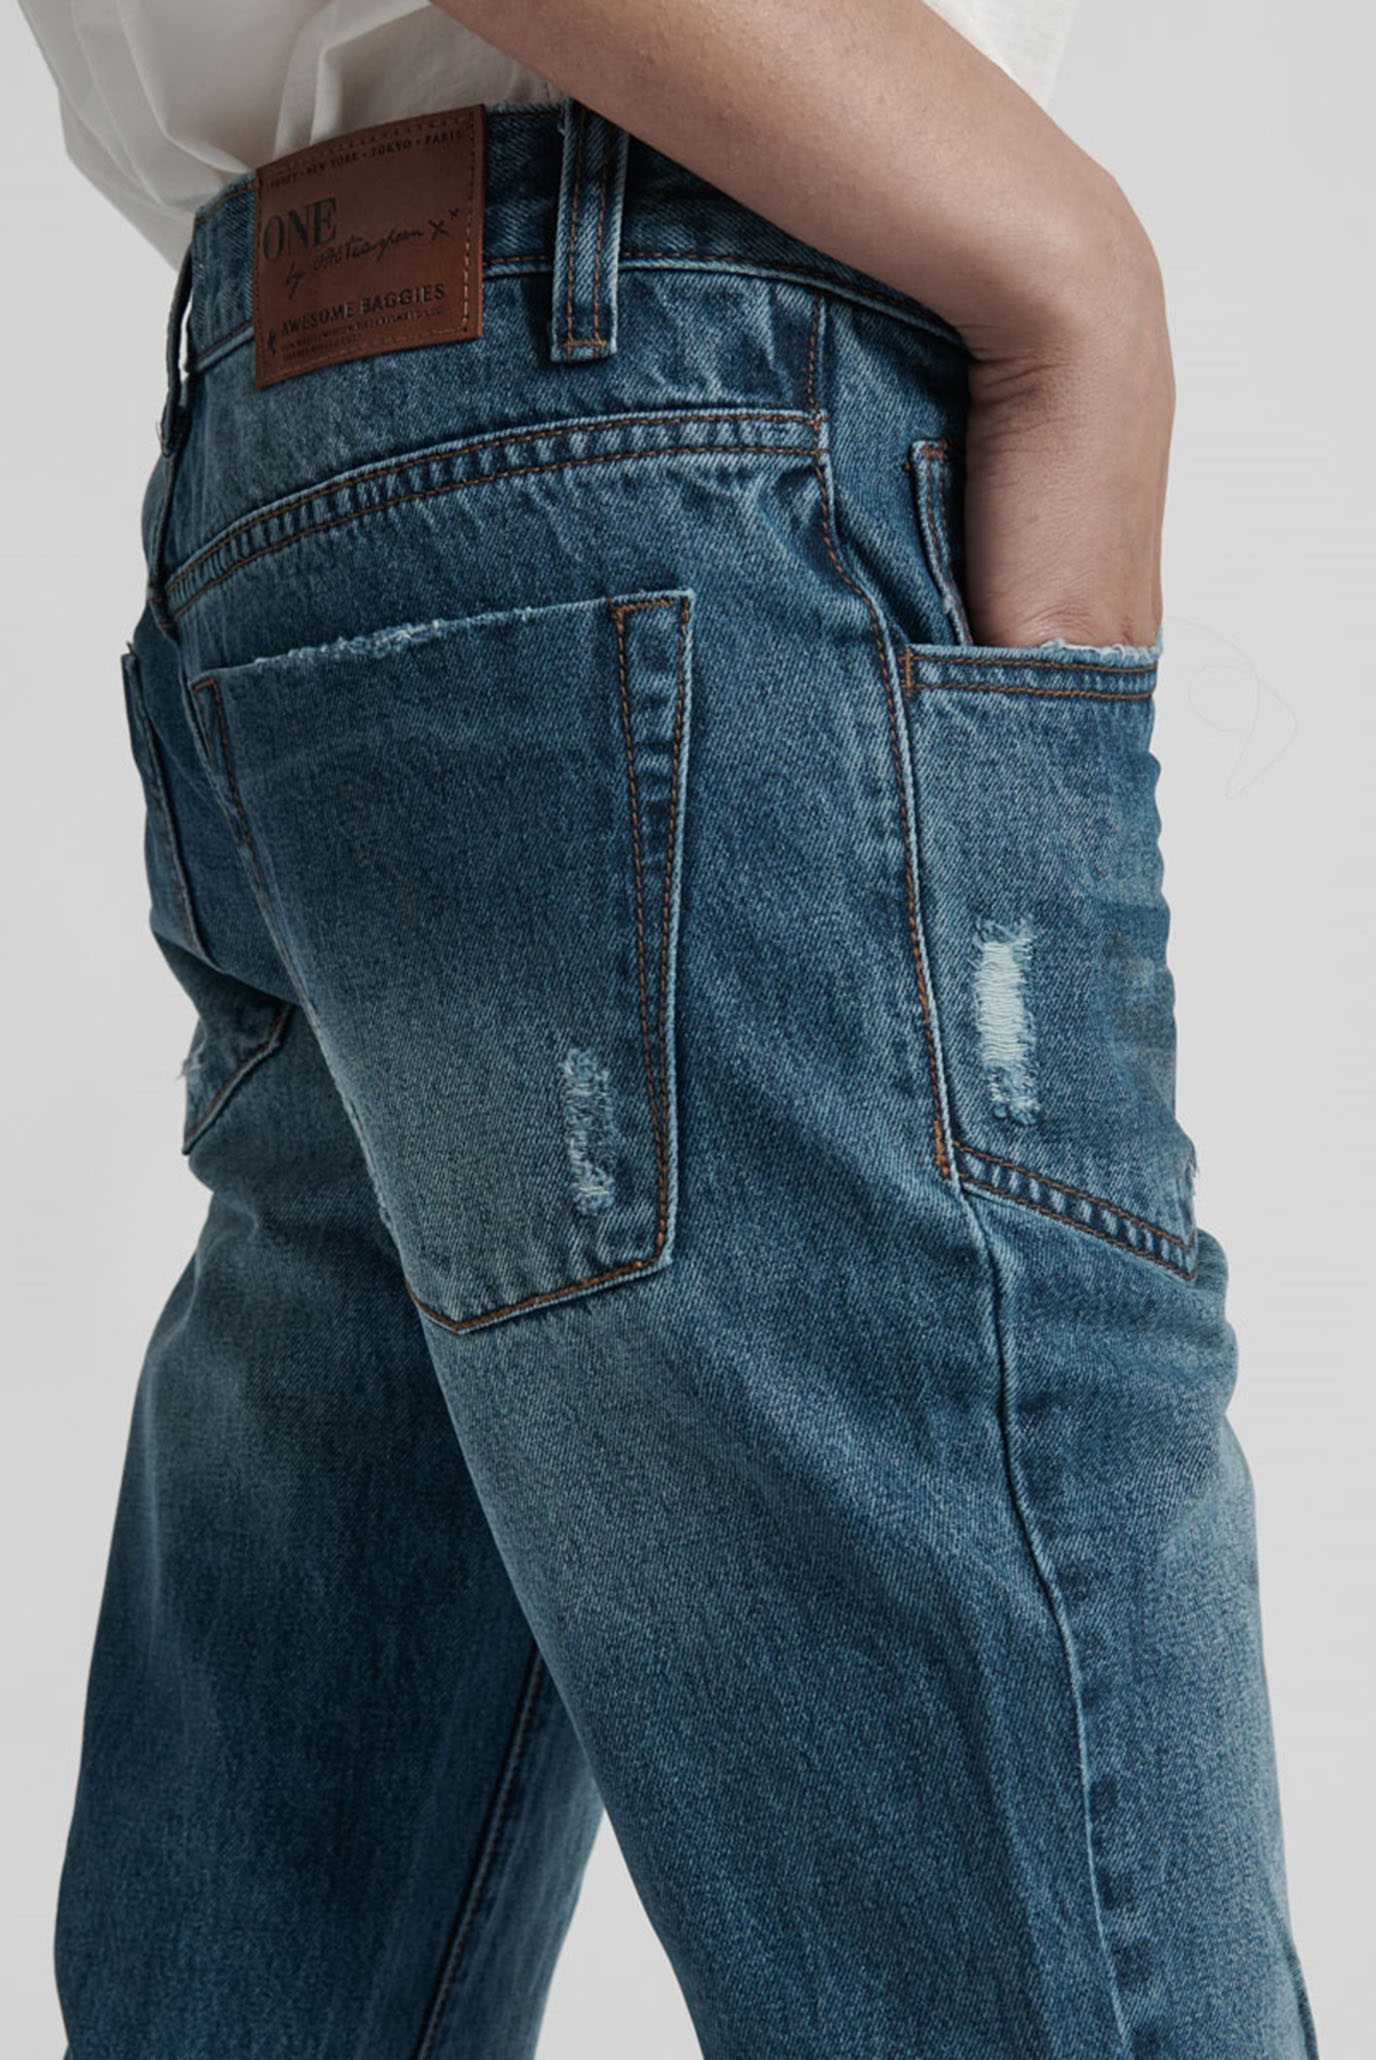 Купить Женские голубые джинсы  LUCKY BLUE AWESOME BAGGIES One Teaspoon One Teaspoon 19437D-ONE – Киев, Украина. Цены в интернет магазине MD Fashion